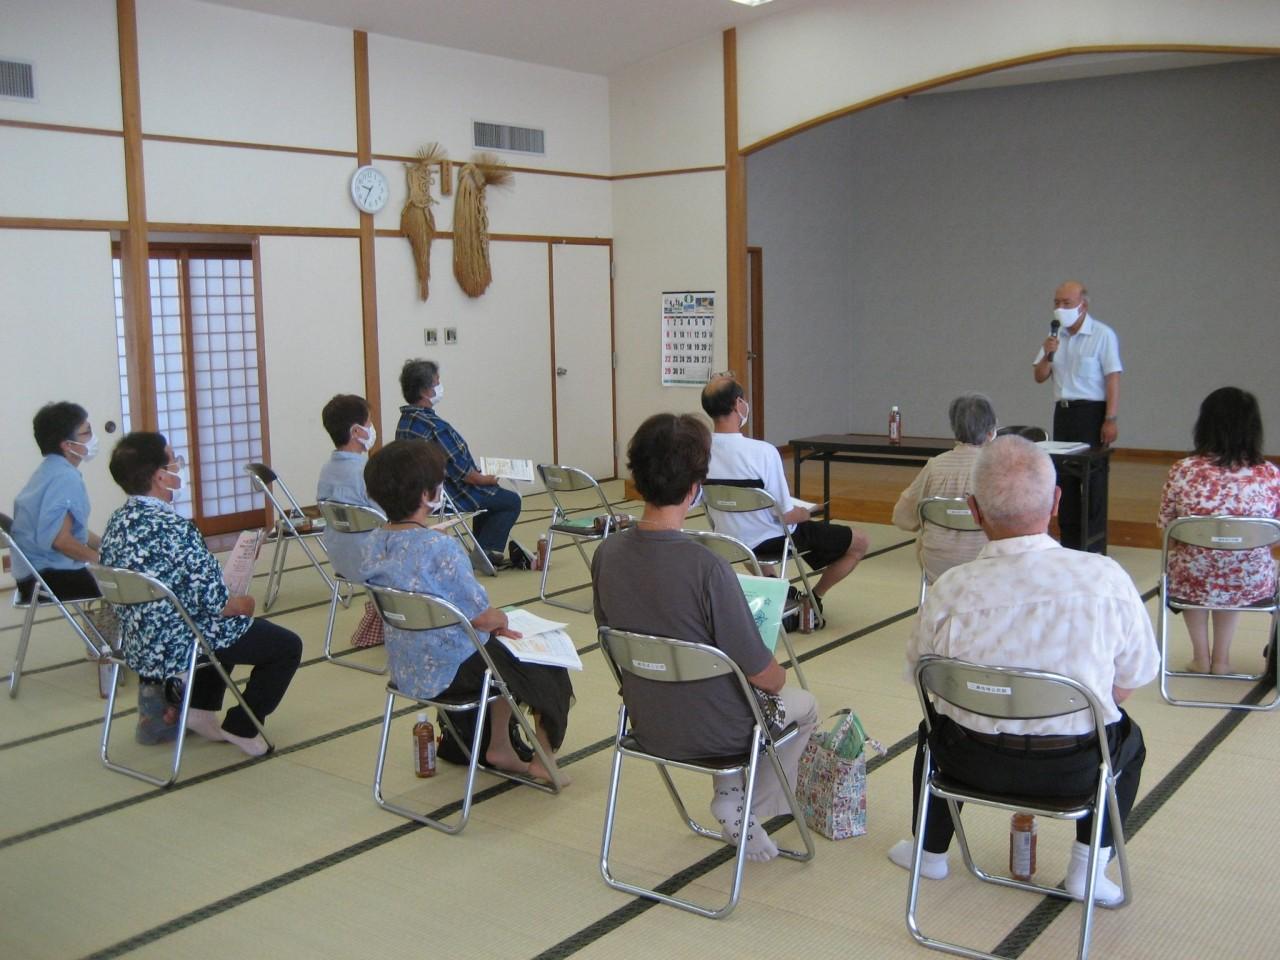 20210731_田村支部学習会「家族の介護が必要になったら」.JPG